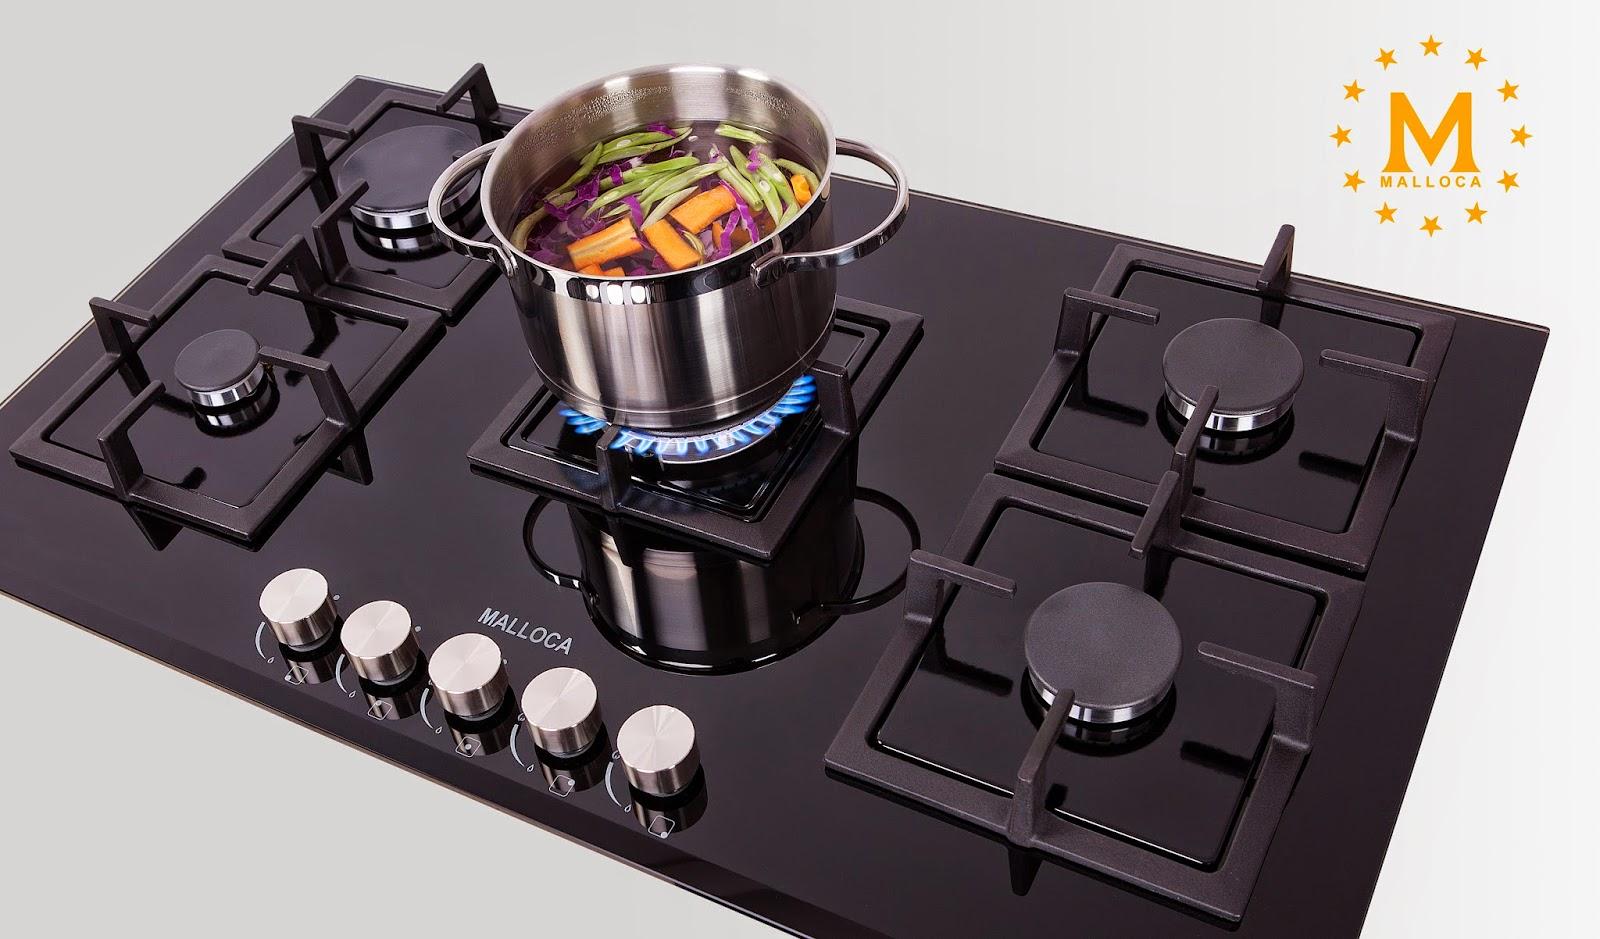 bep ga am malloca 01 - Lưu Ý 7 Cách Chọn Bếp Gas Âm Tốt Nhất Cho Căn Bếp Nhà Bạn